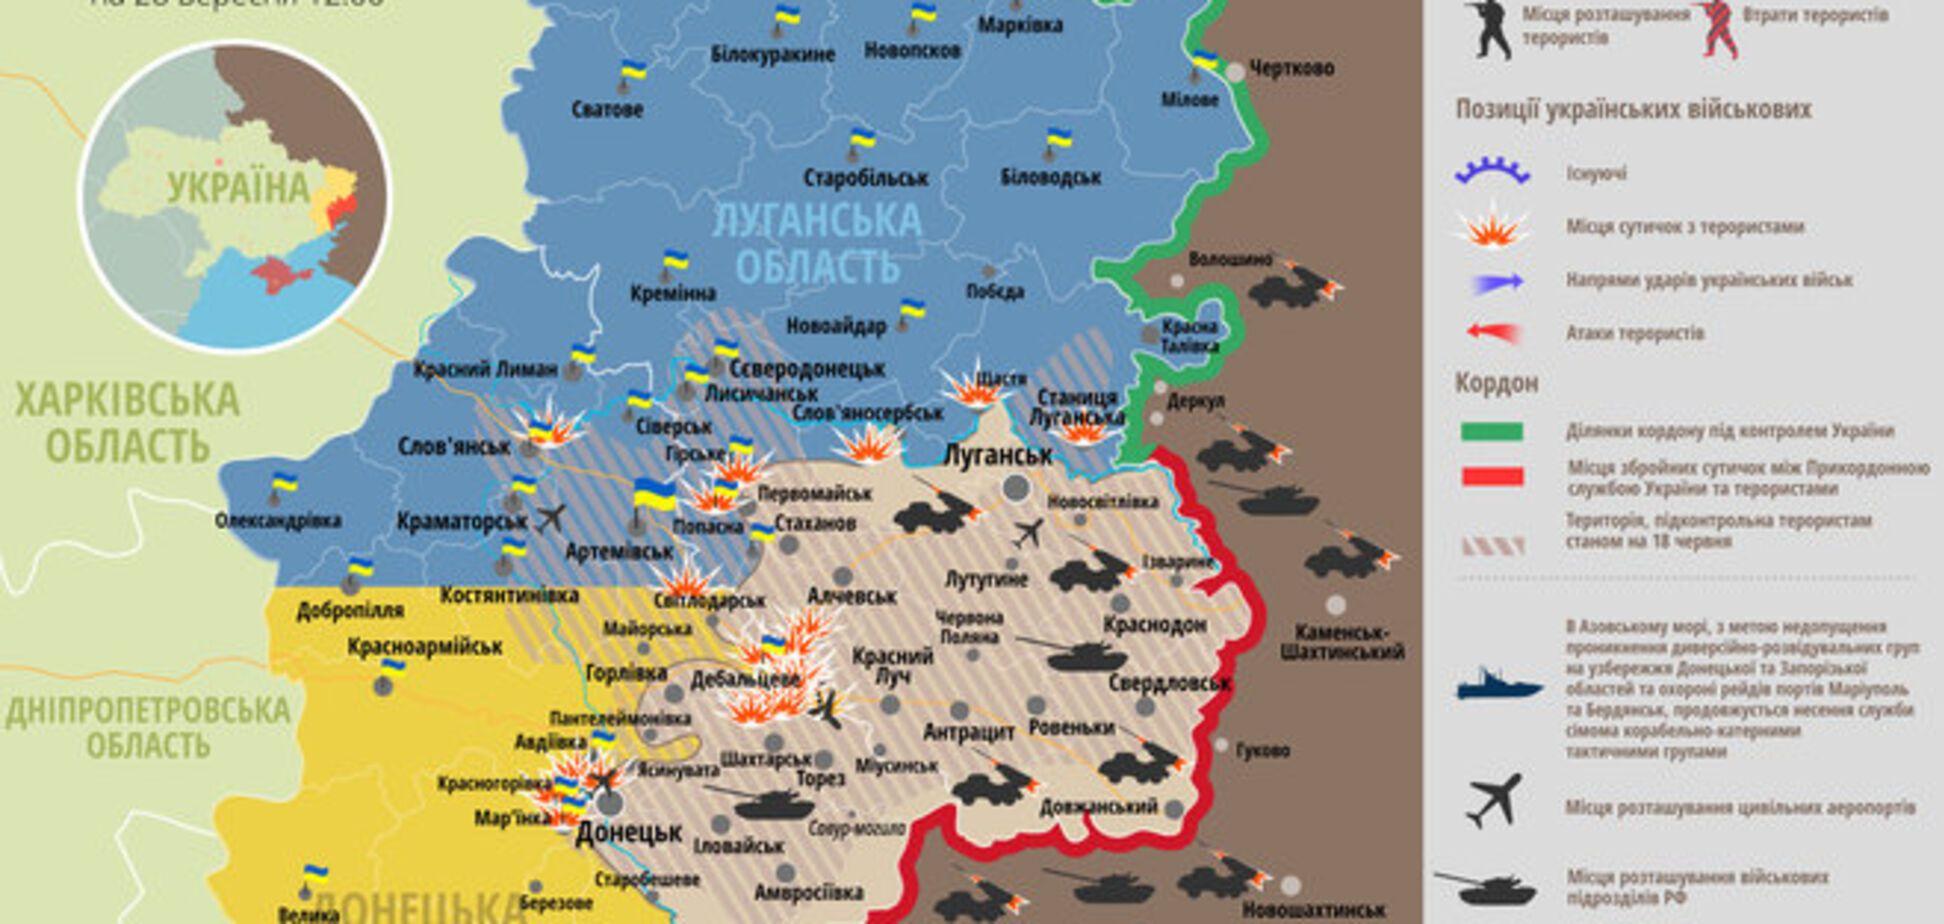 Опубликована актуальная карта зоны АТО: 'перемирие' по всем фронтам